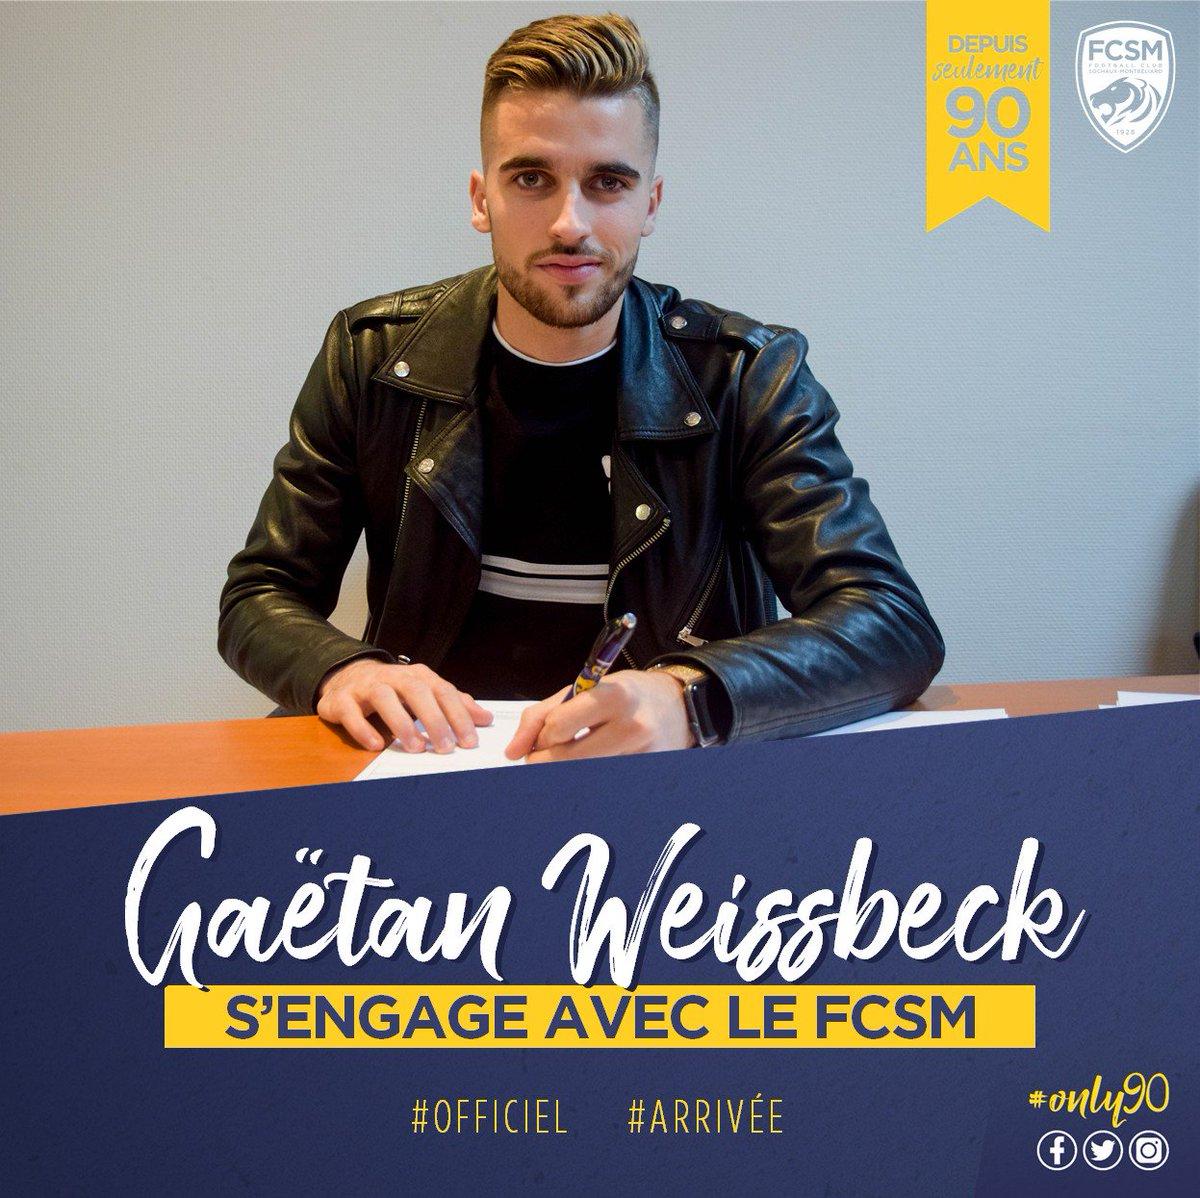 Gaëtan Weissbeck